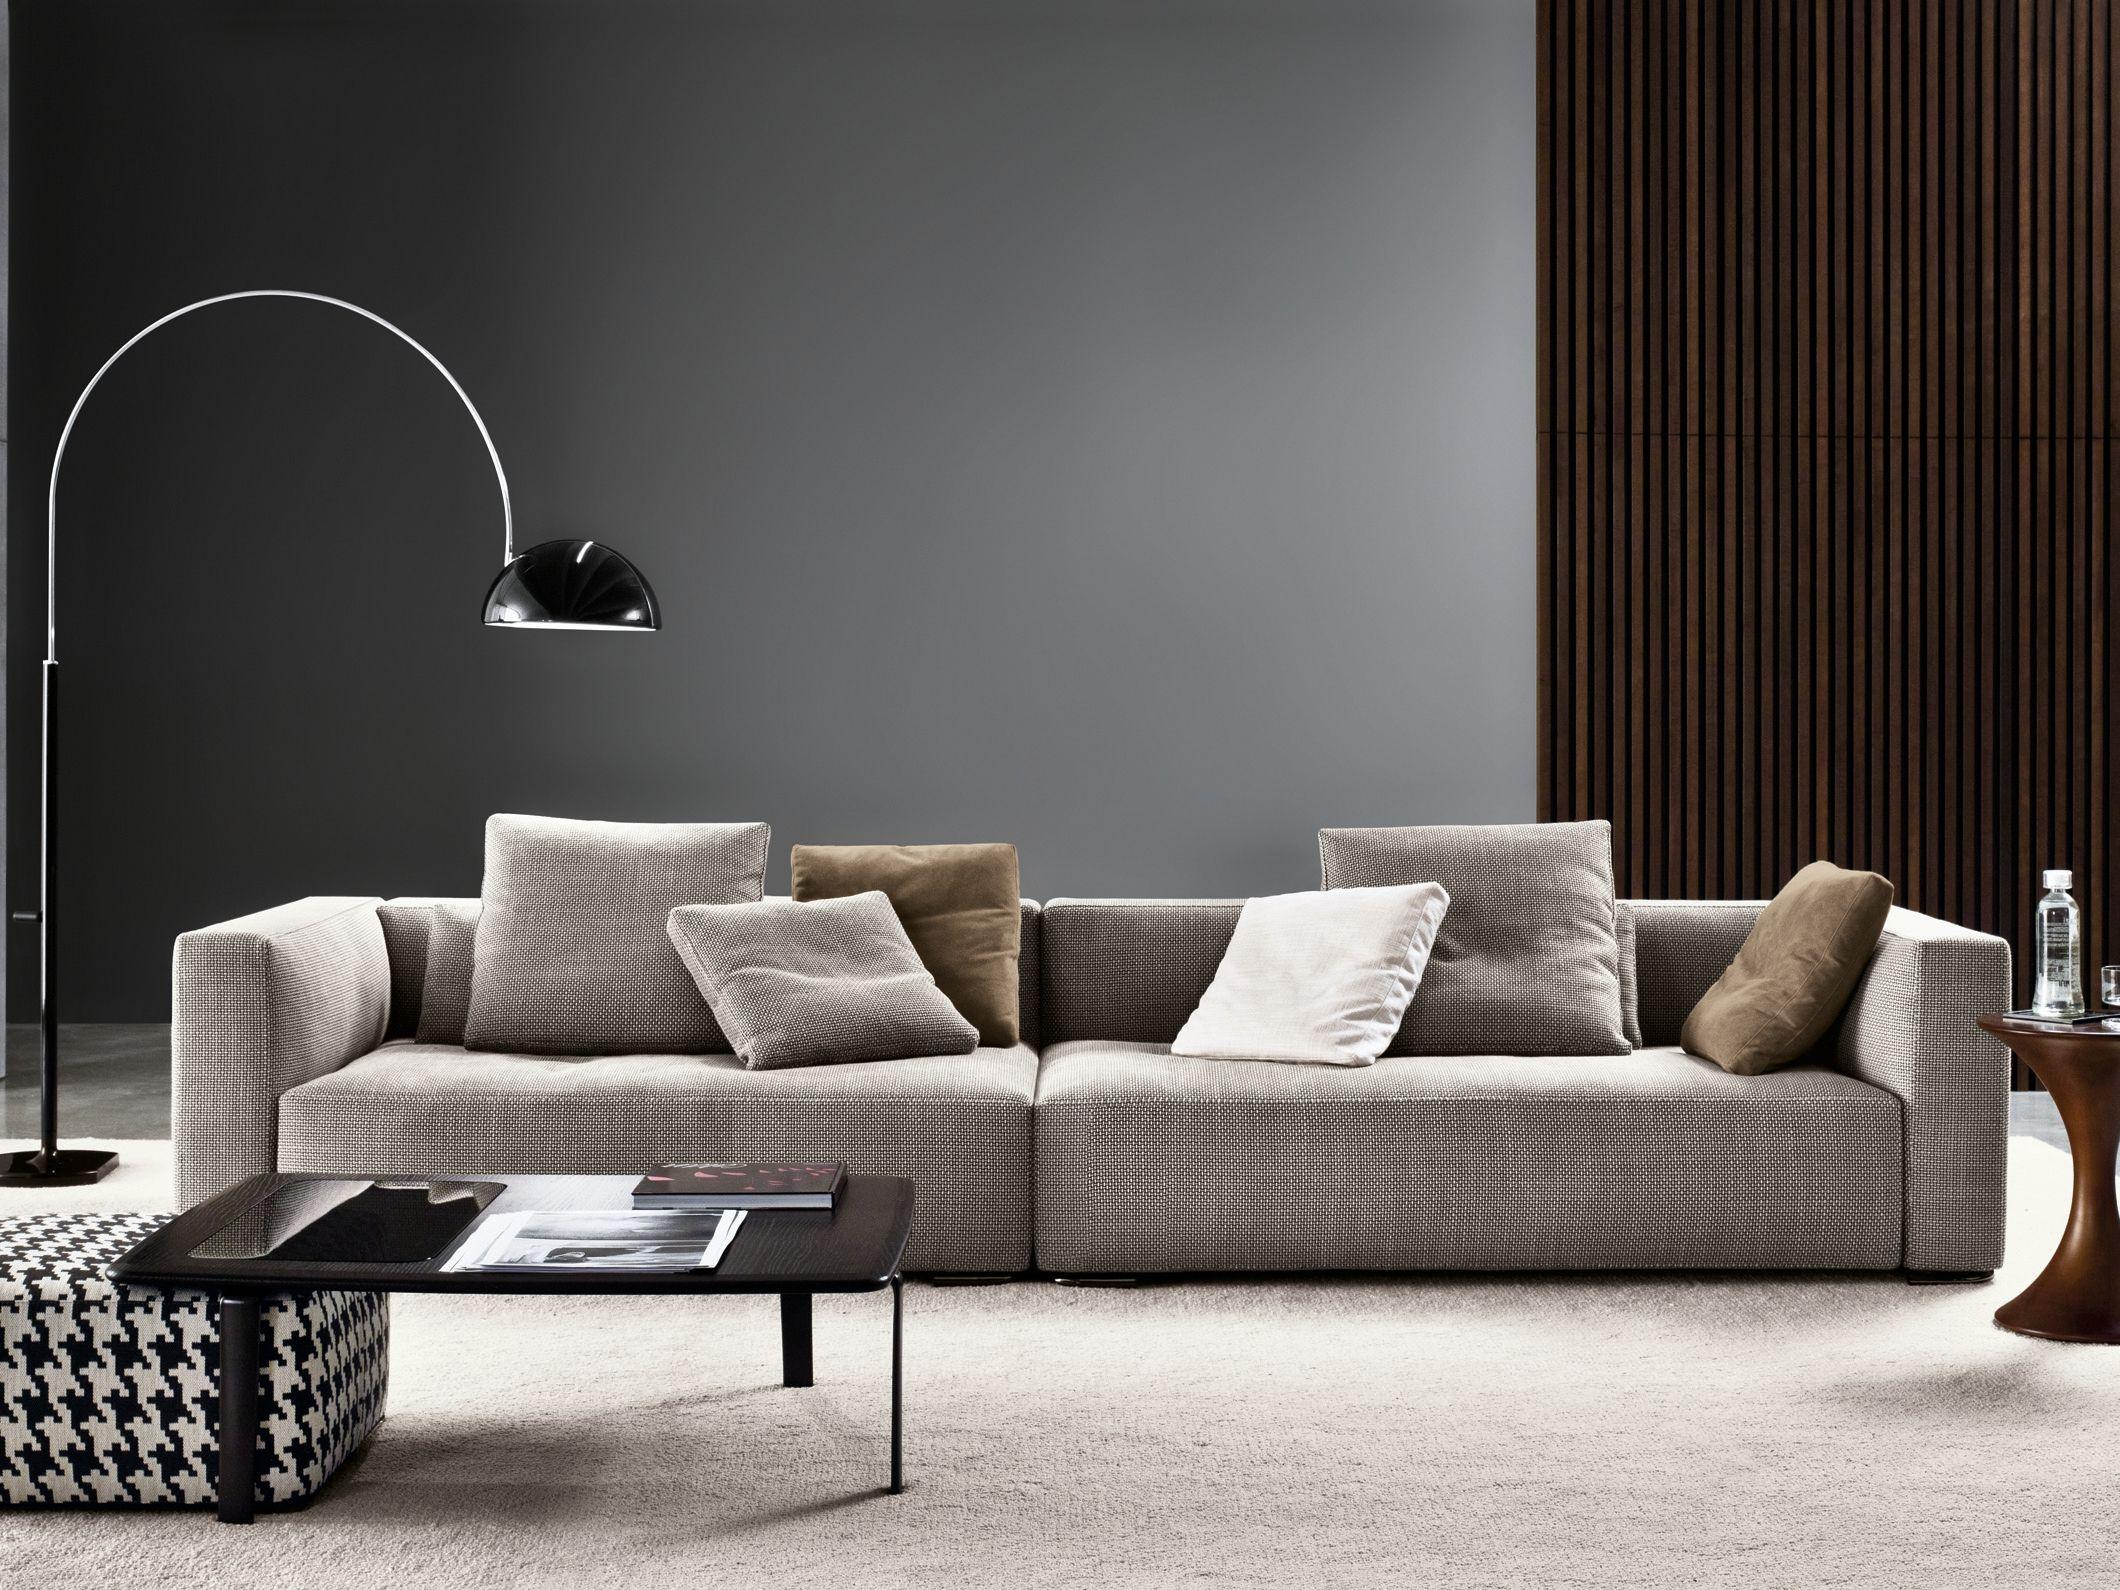 Divano angolare sfoderabile in tessuto donovan divano for Divano minotti